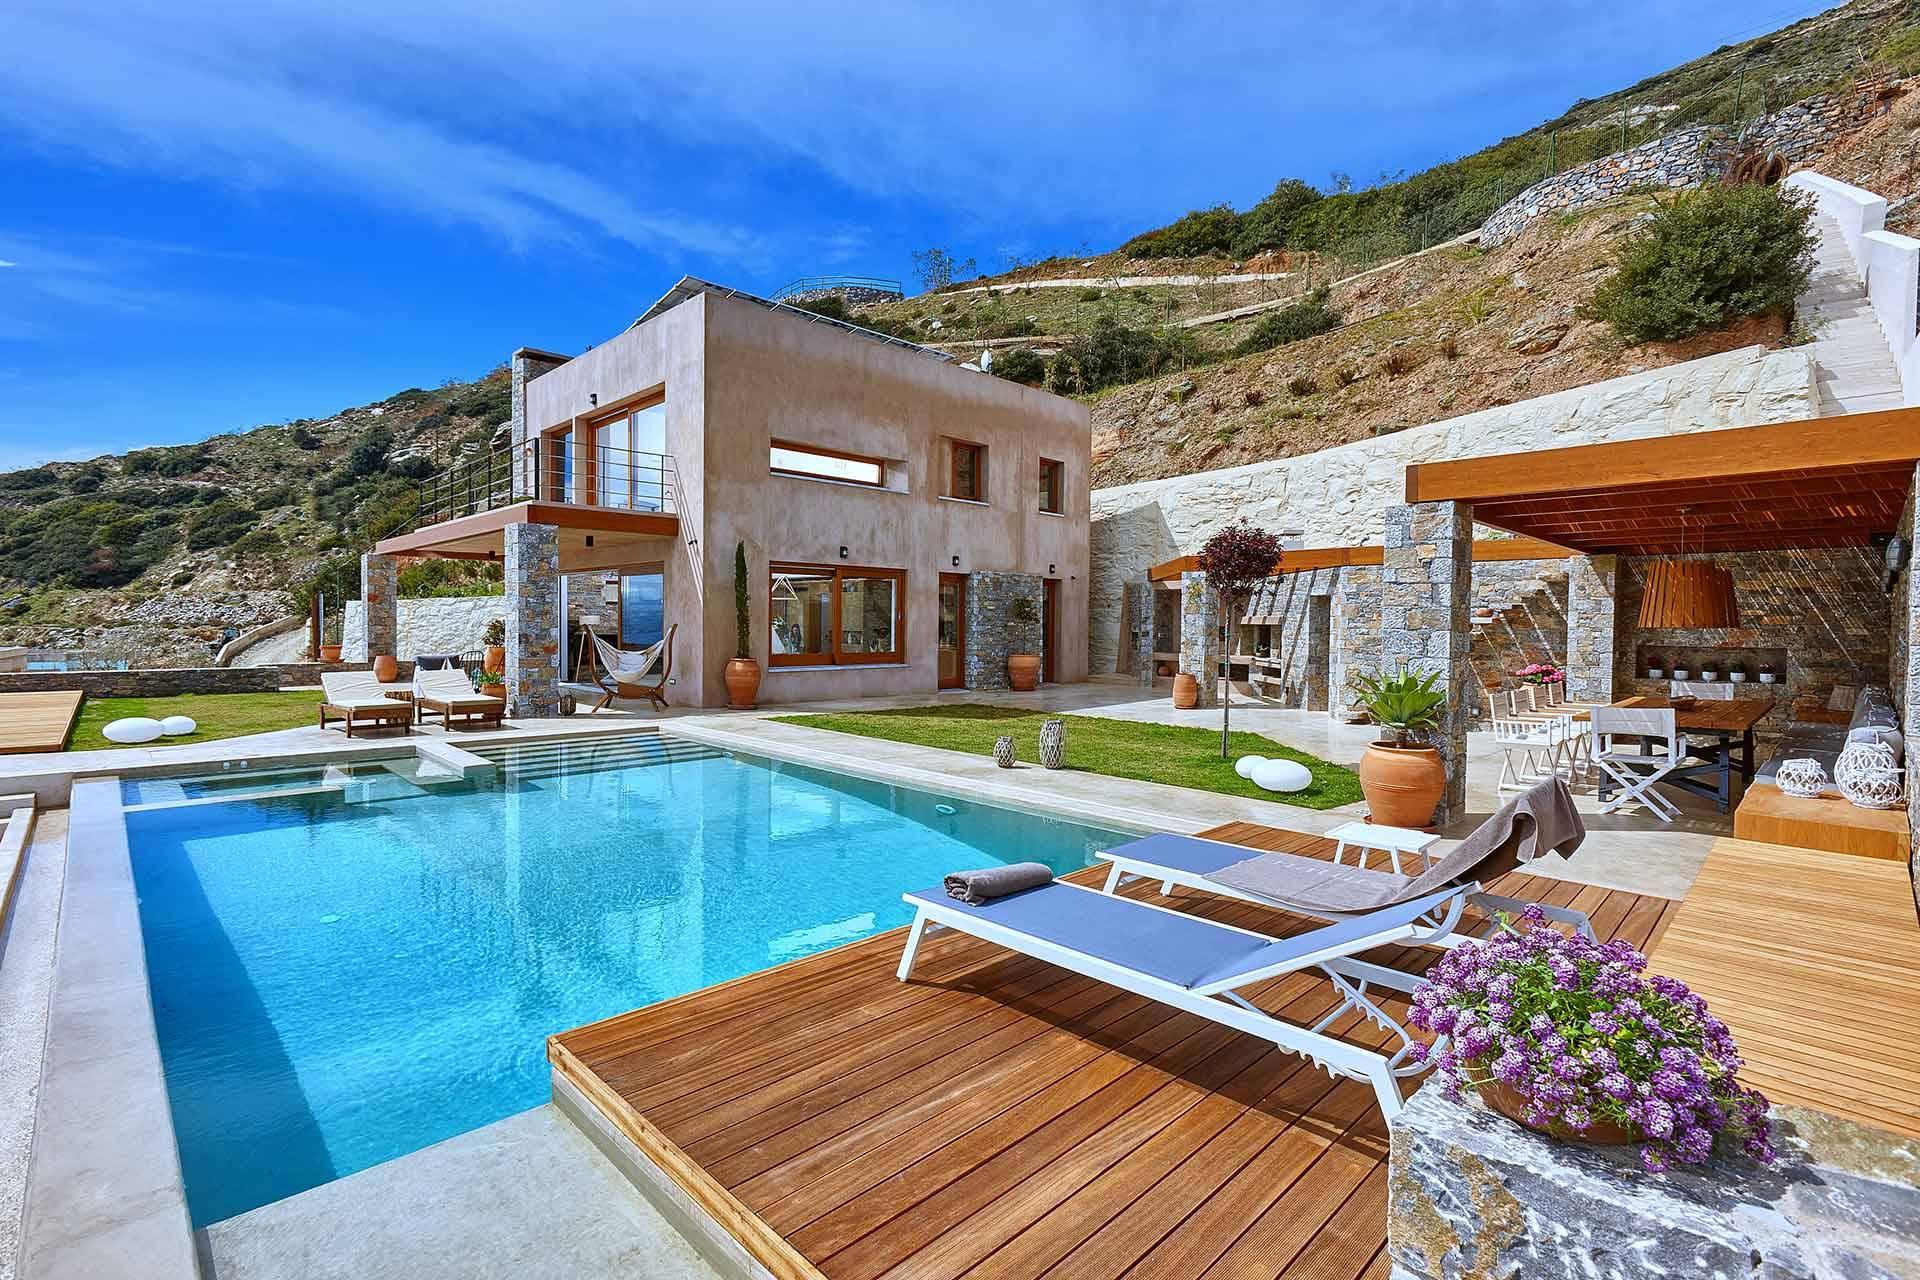 Villa Management Hotelier Academy